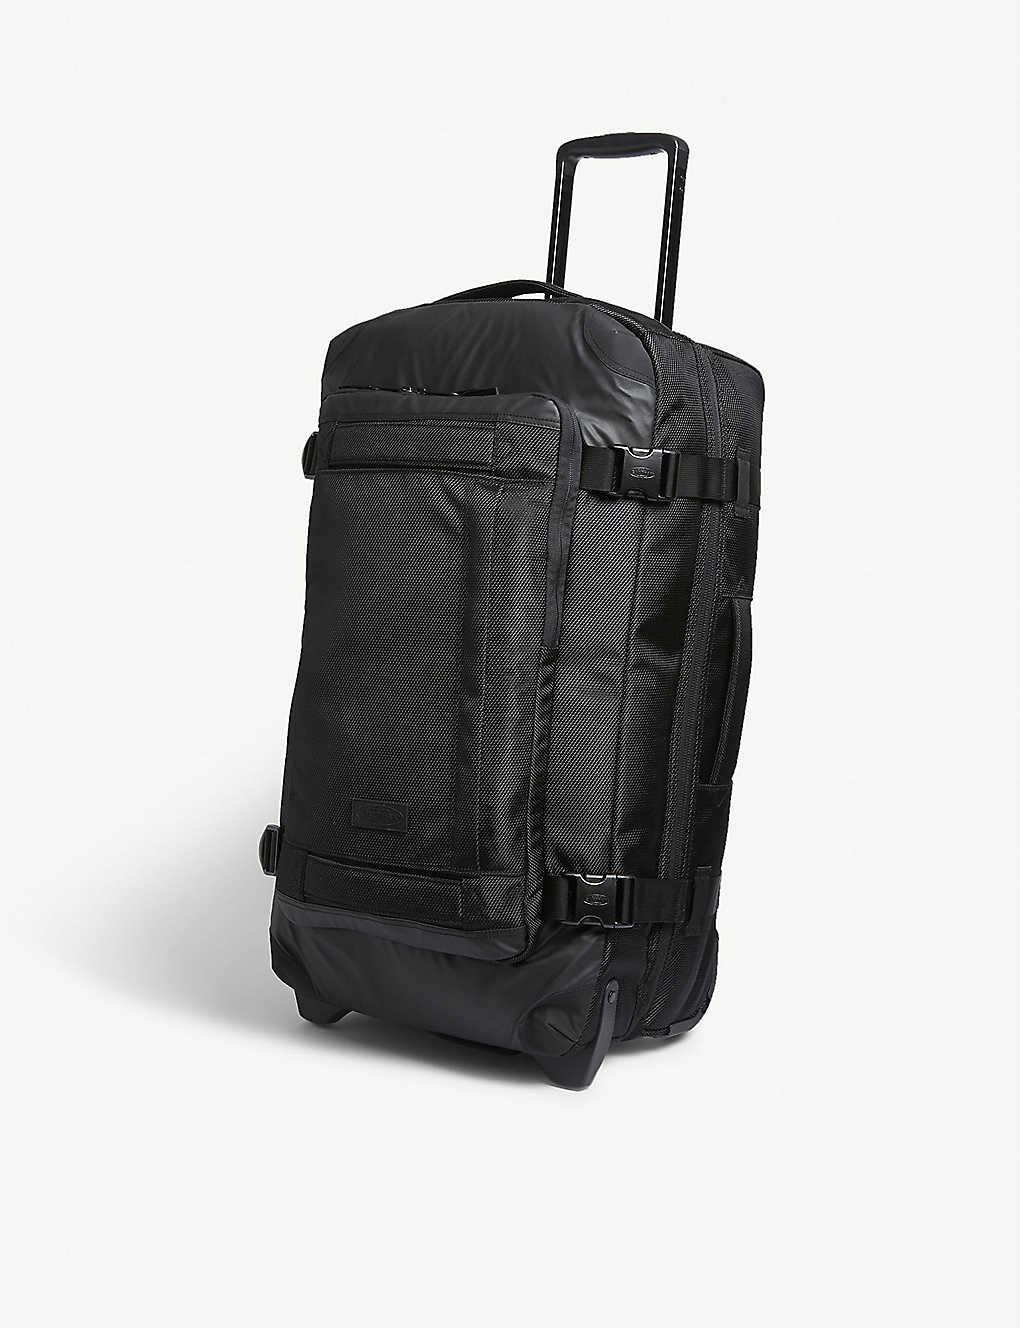 d848a1eb8 EASTPAK - Tranverz CNNCT cabin suitcase 67cm | Selfridges.com